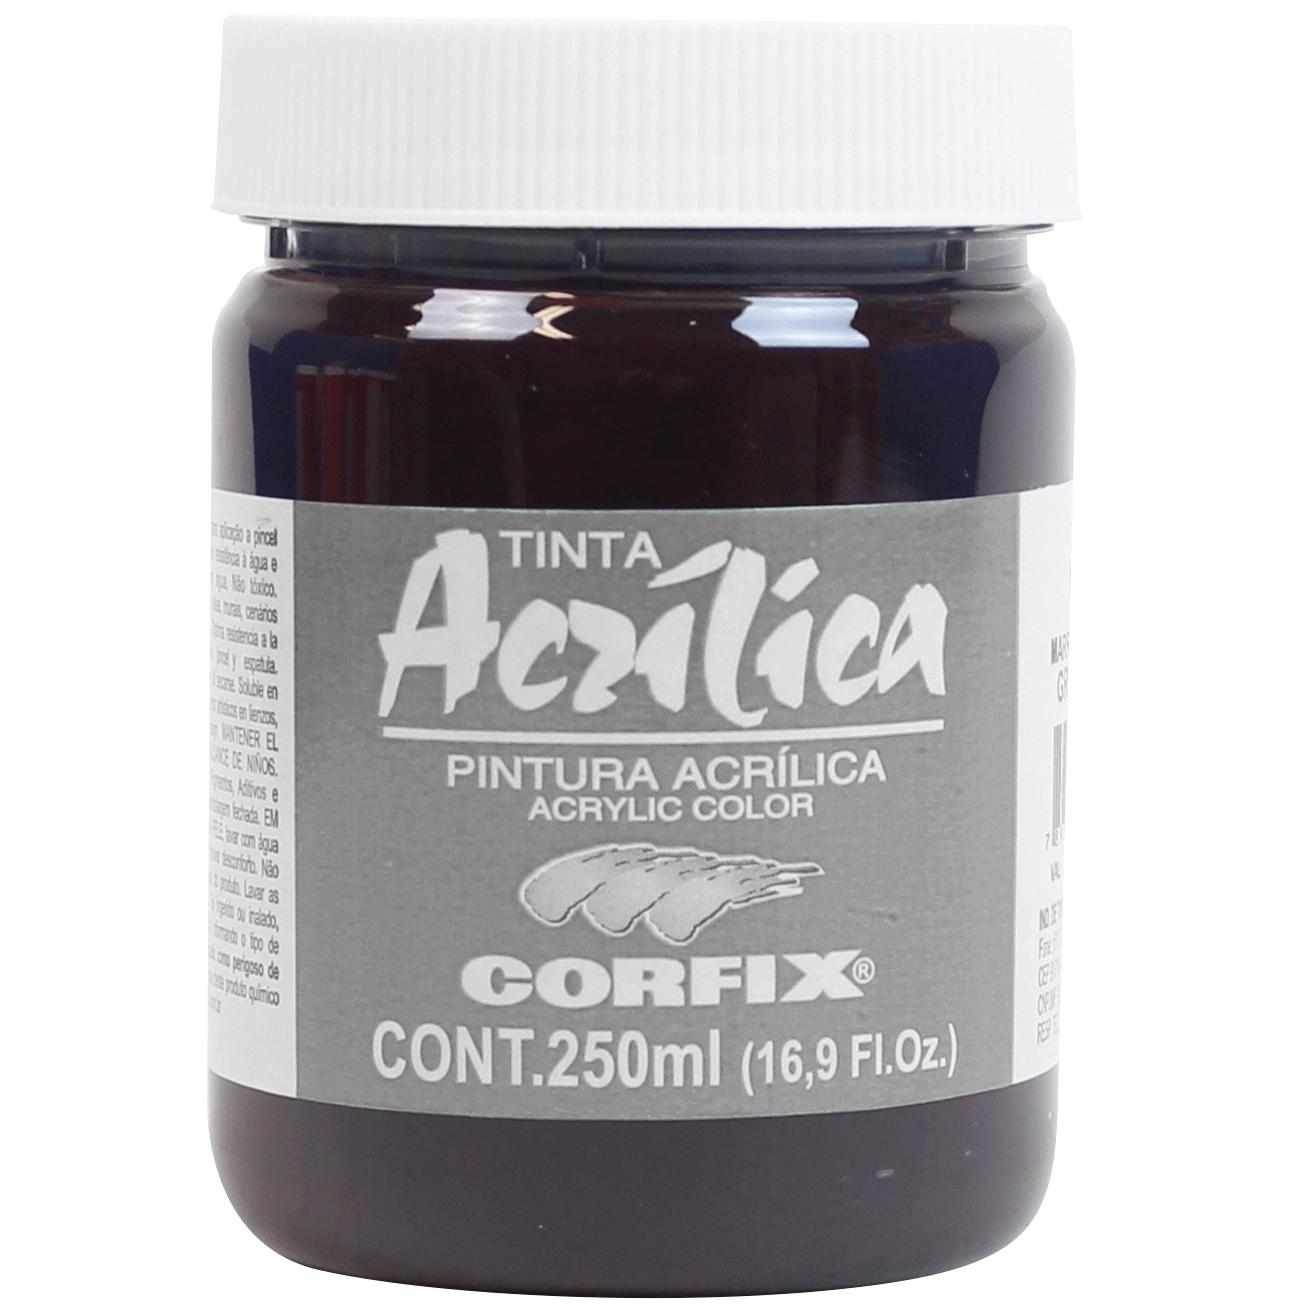 Tinta Acrílica Corfix 250ml 95 Marrom de Garança G2